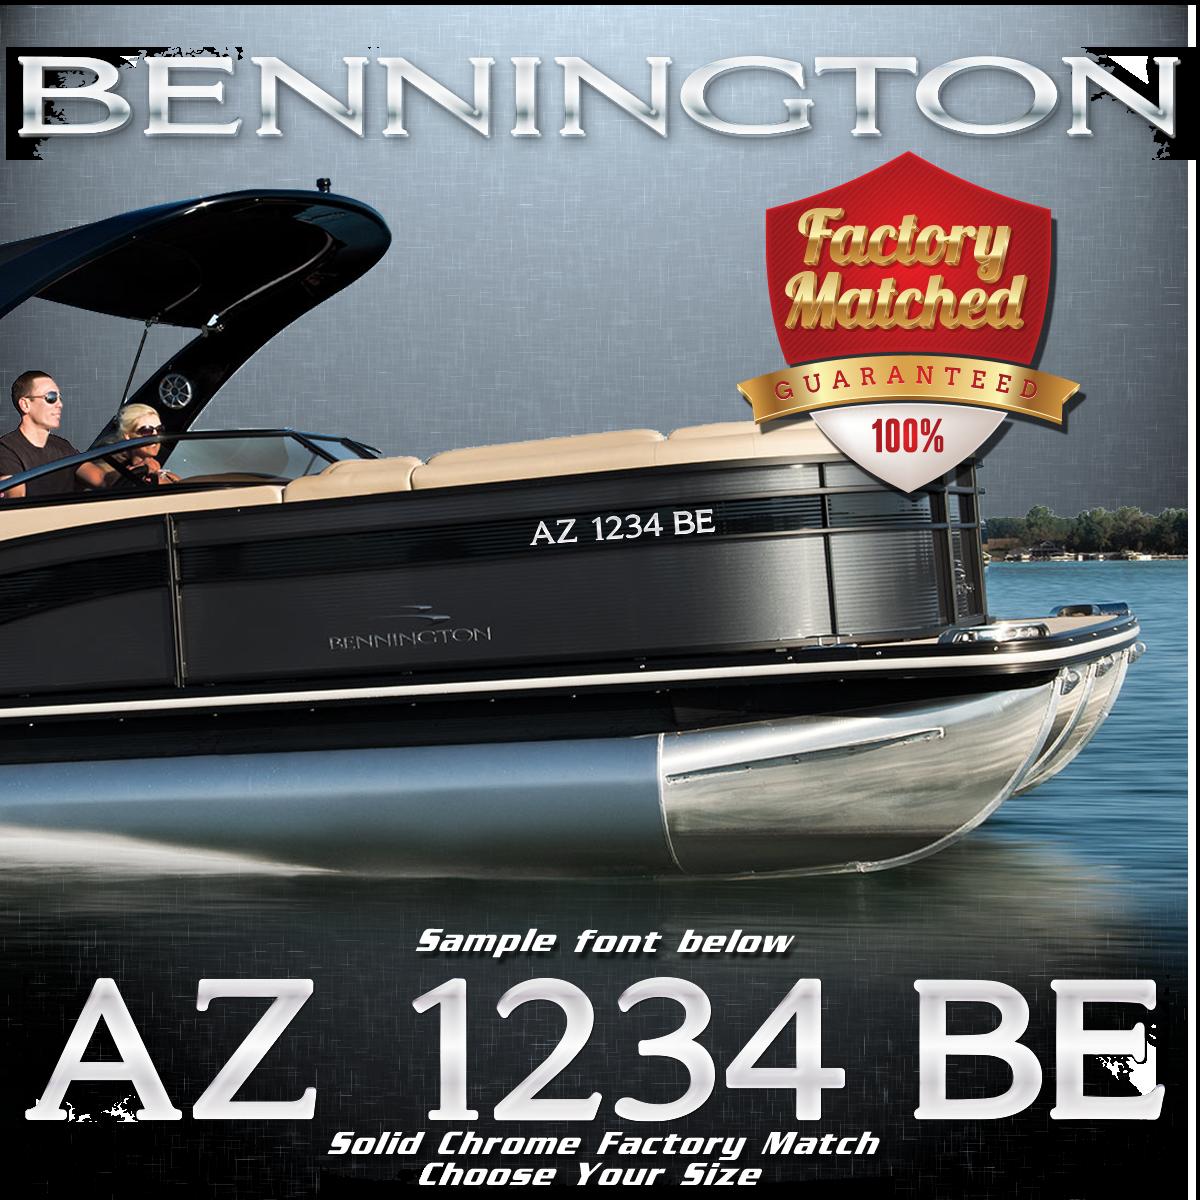 Bennington Registration Factory Matched to Emblem (2 included)